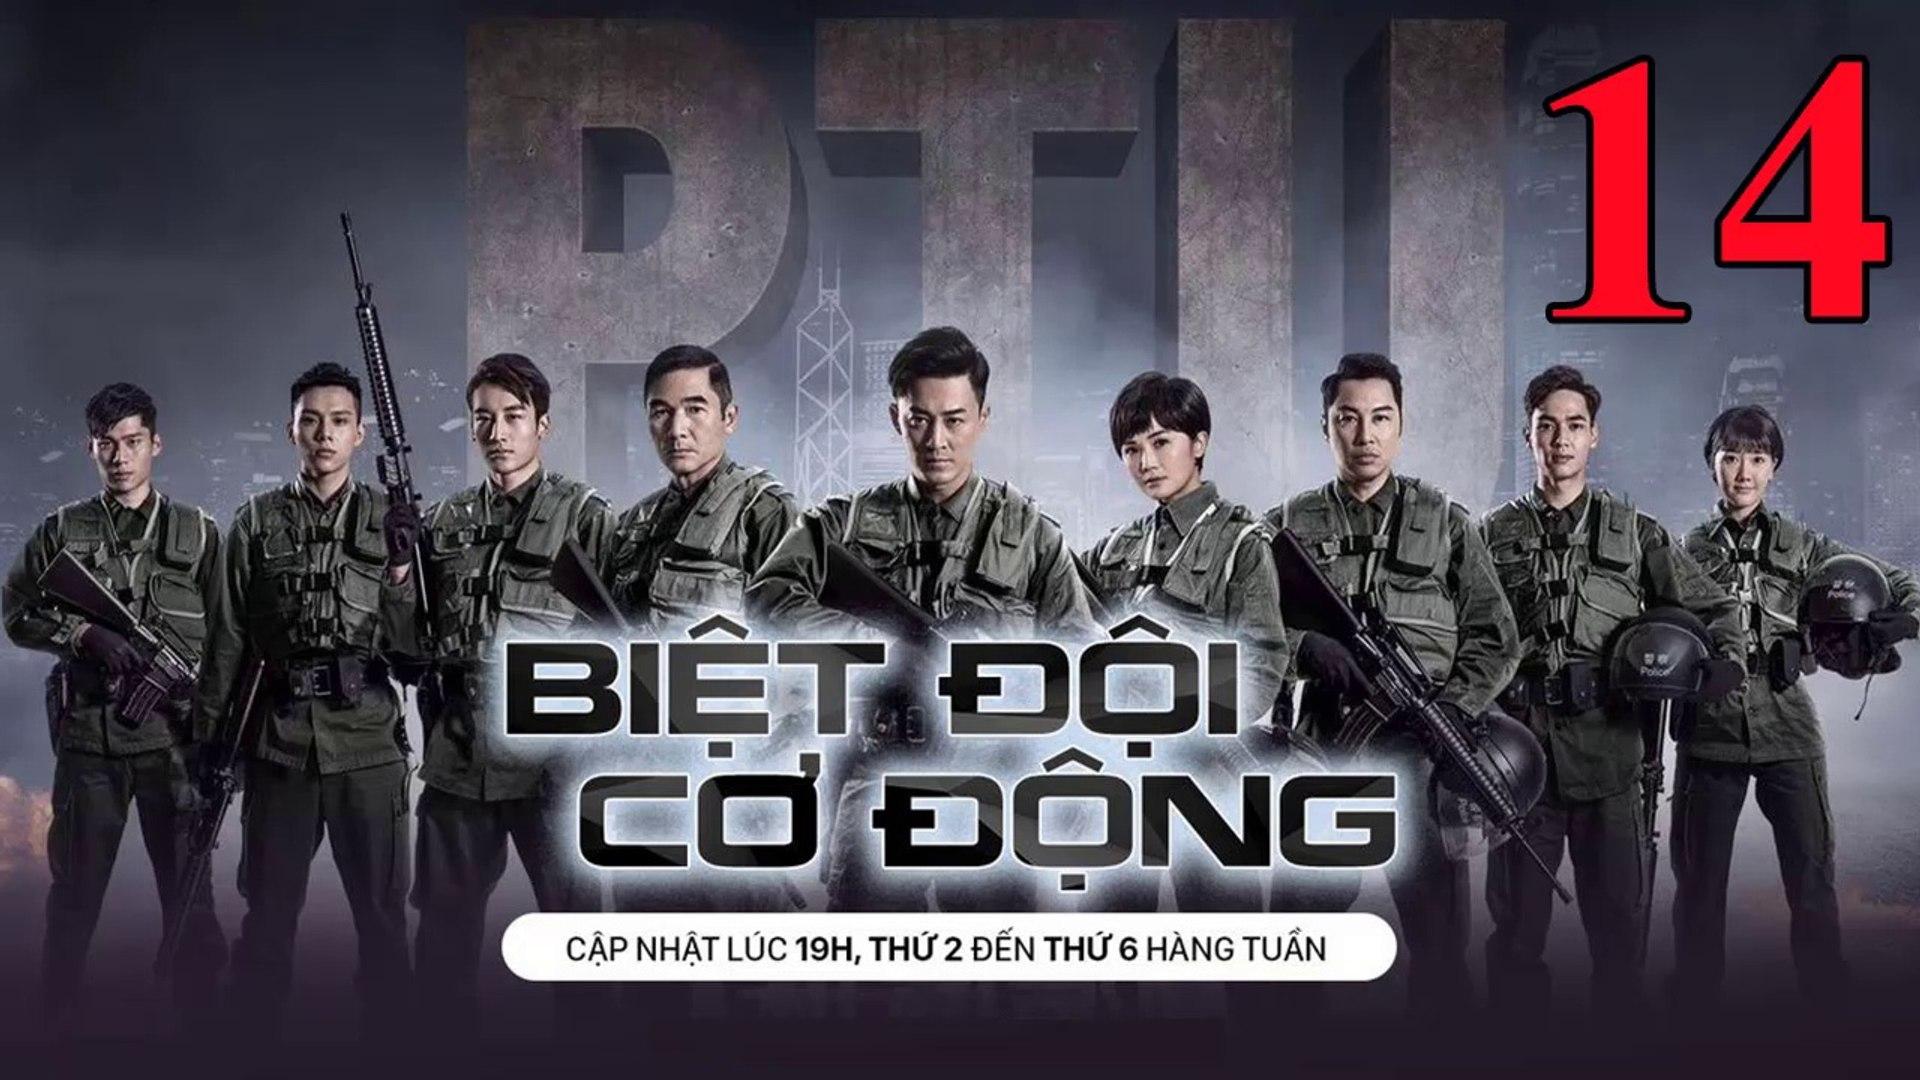 Phim Hành Động TVB: Biệt Đội Cơ Động Tập 14 Vietsub | 机动部队 Police Tactical Unit Ep.14 HD 2019